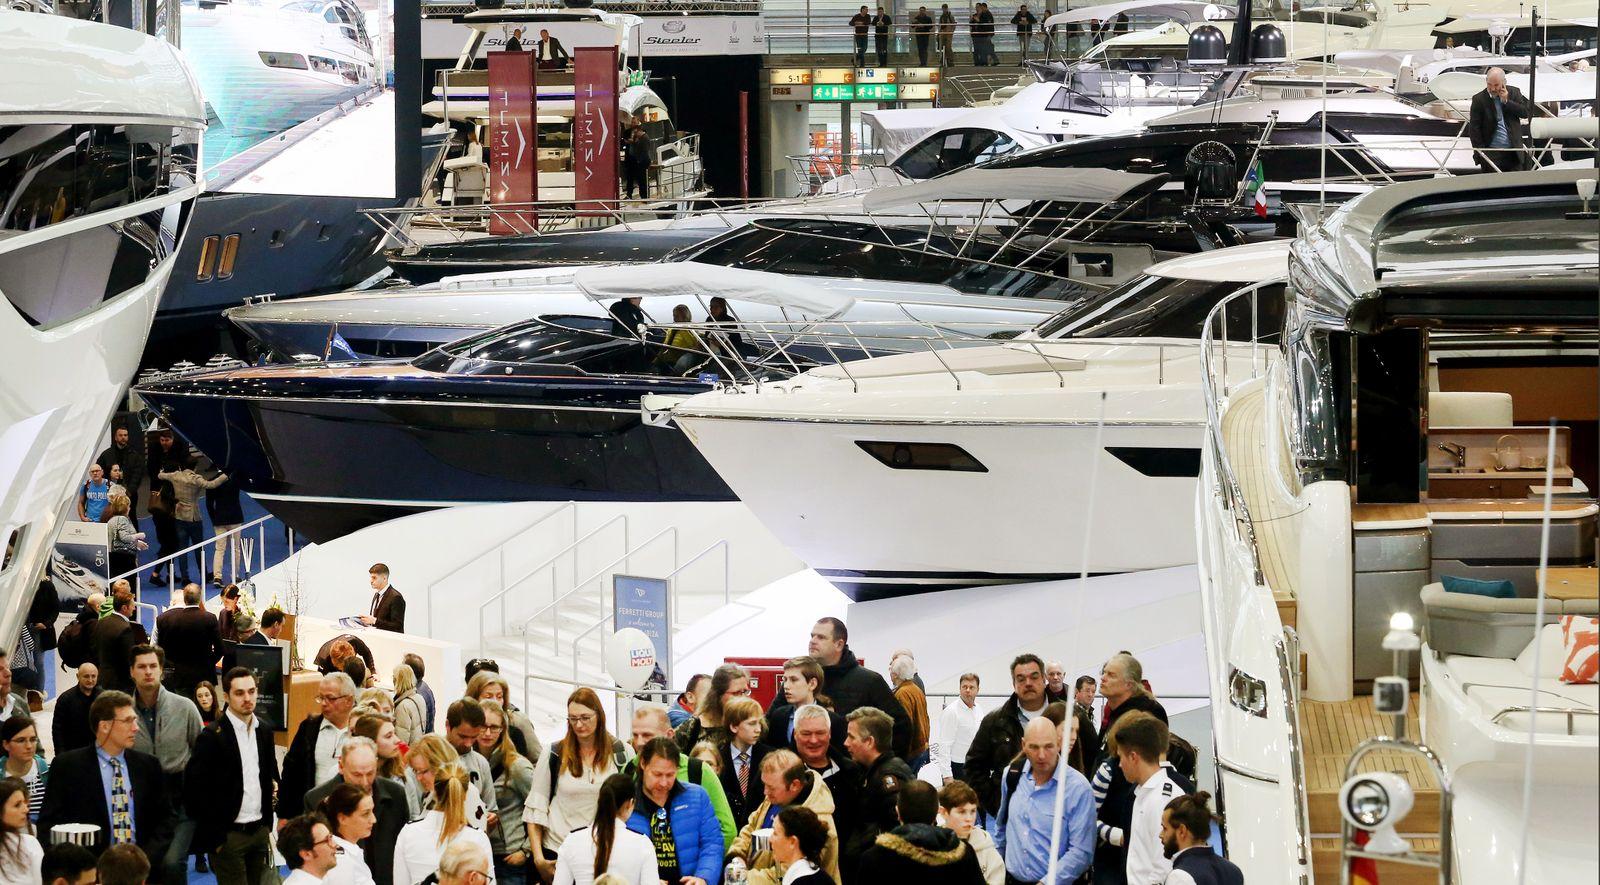 Eröffnung der weltgrößte Messe für Motorboote & Wassersport